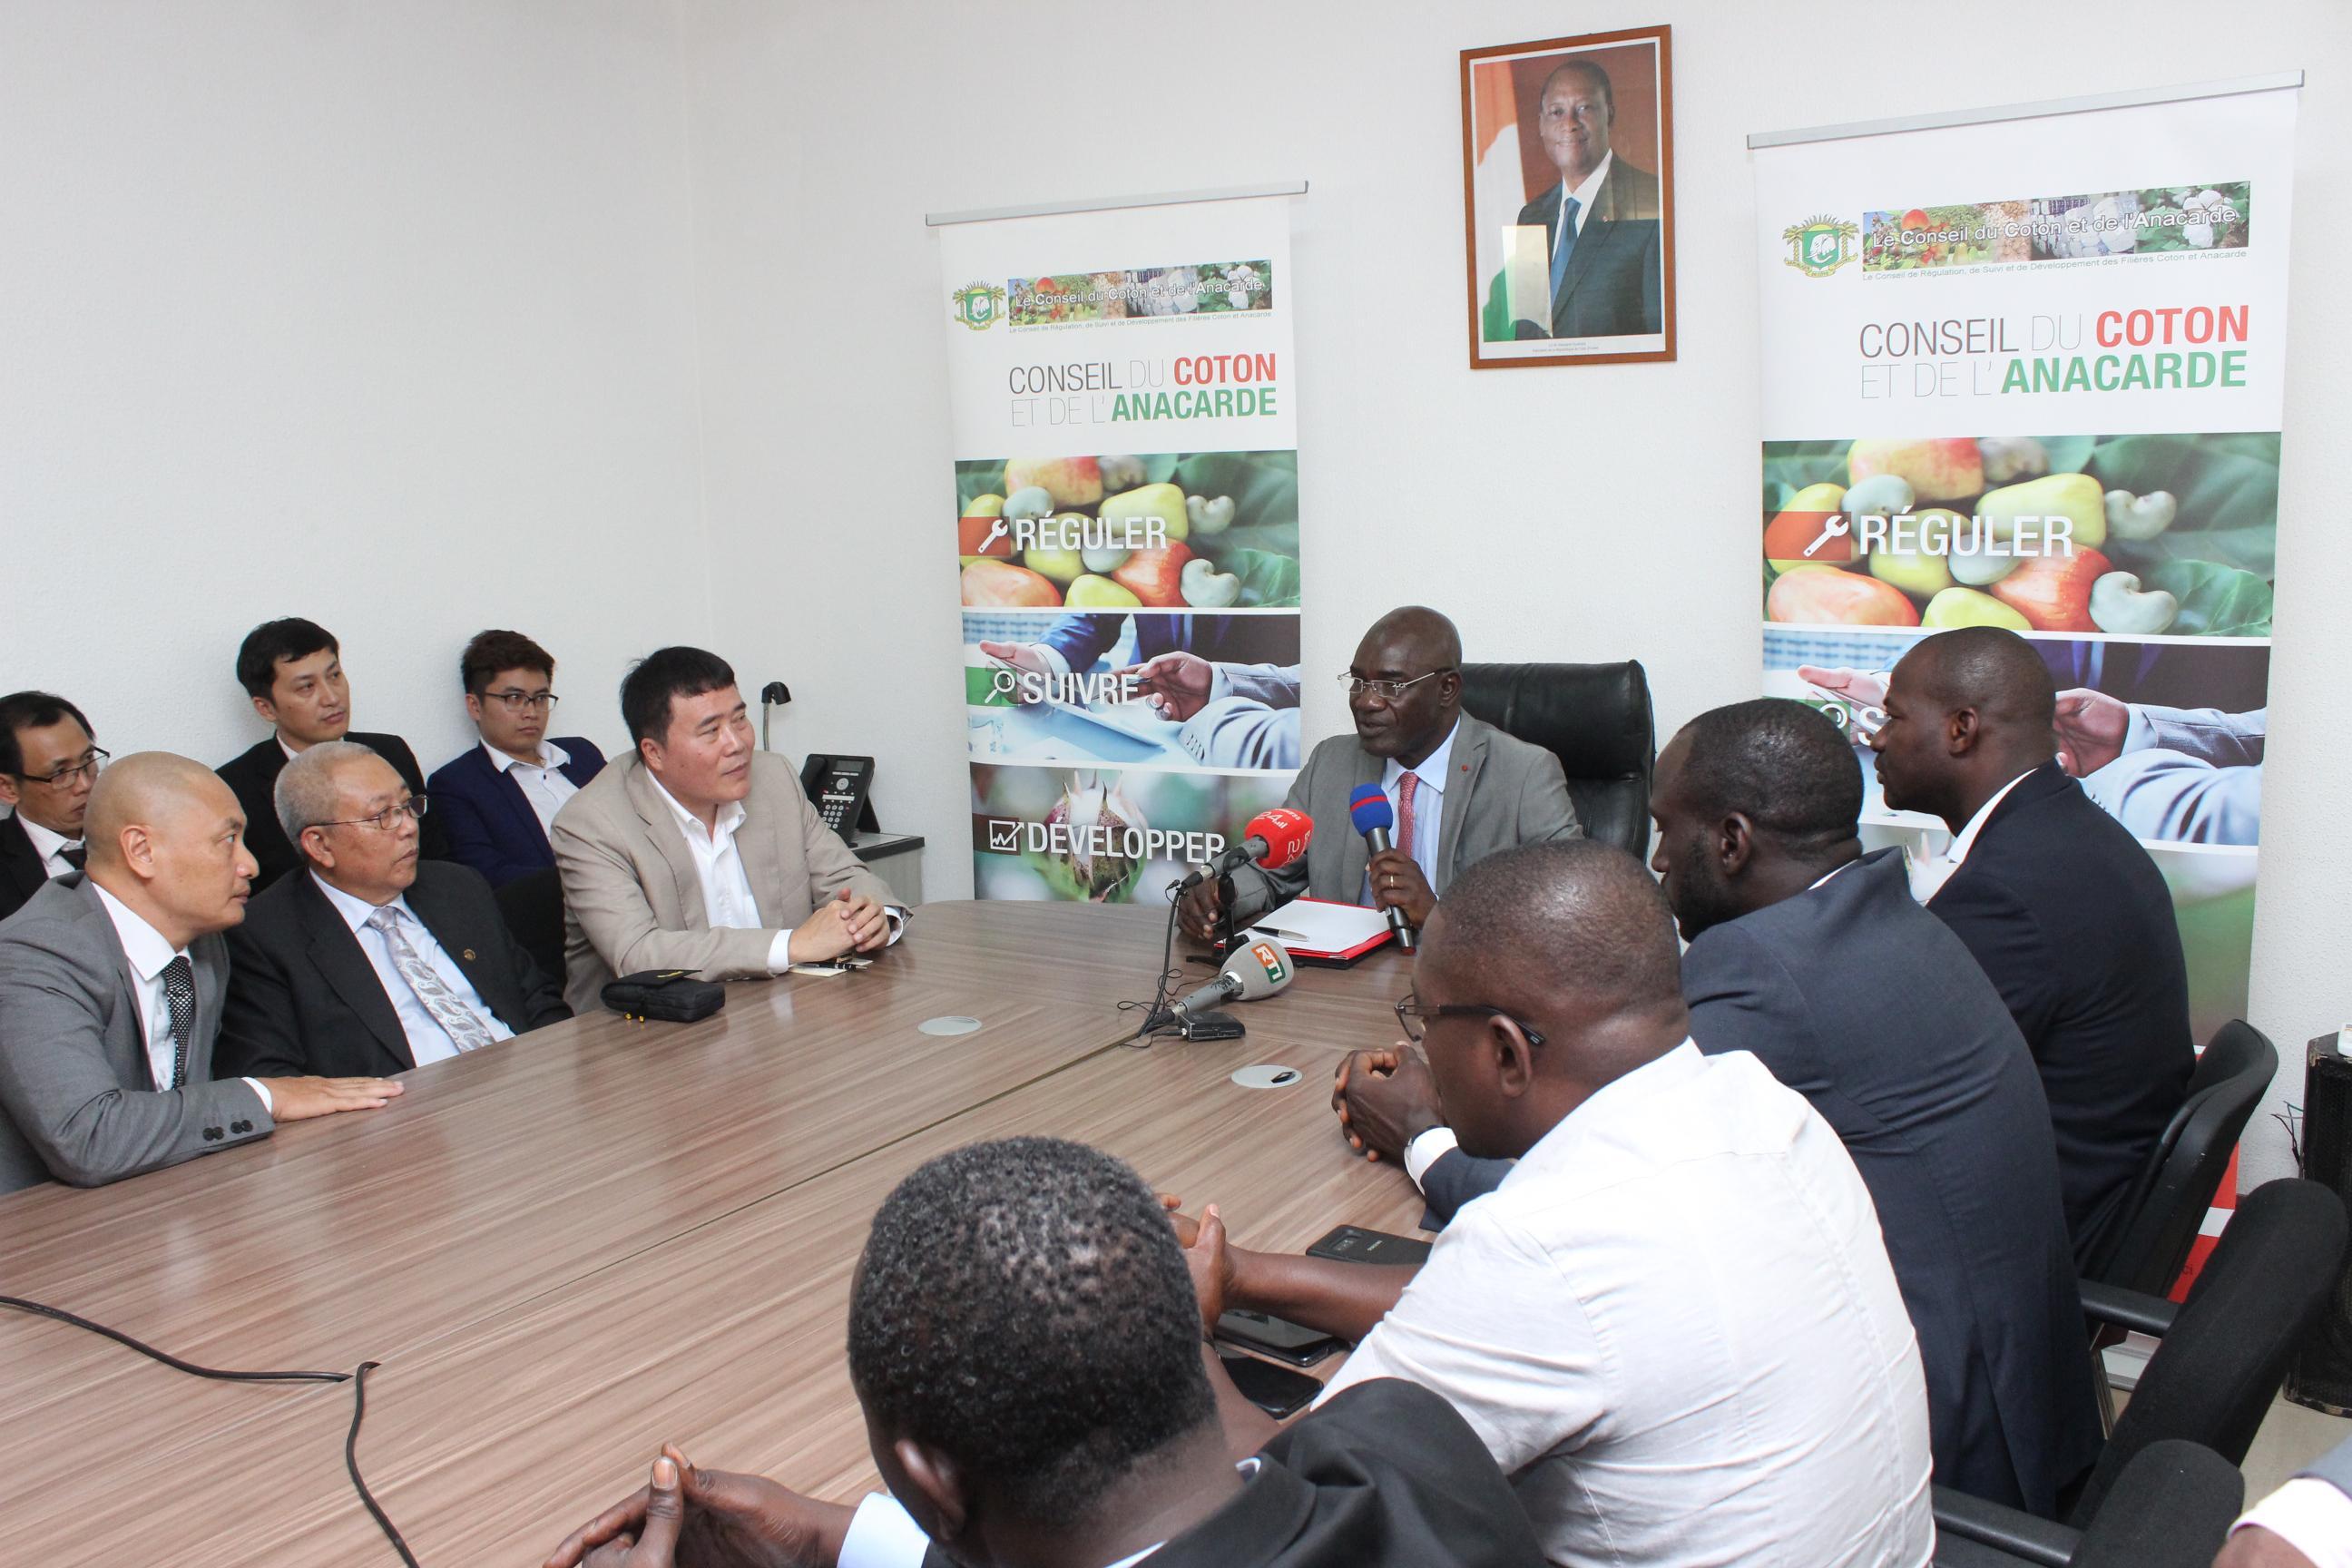 Côte d'Ivoire,anacarde,Conseil du coton et de l'anacarde,transformation